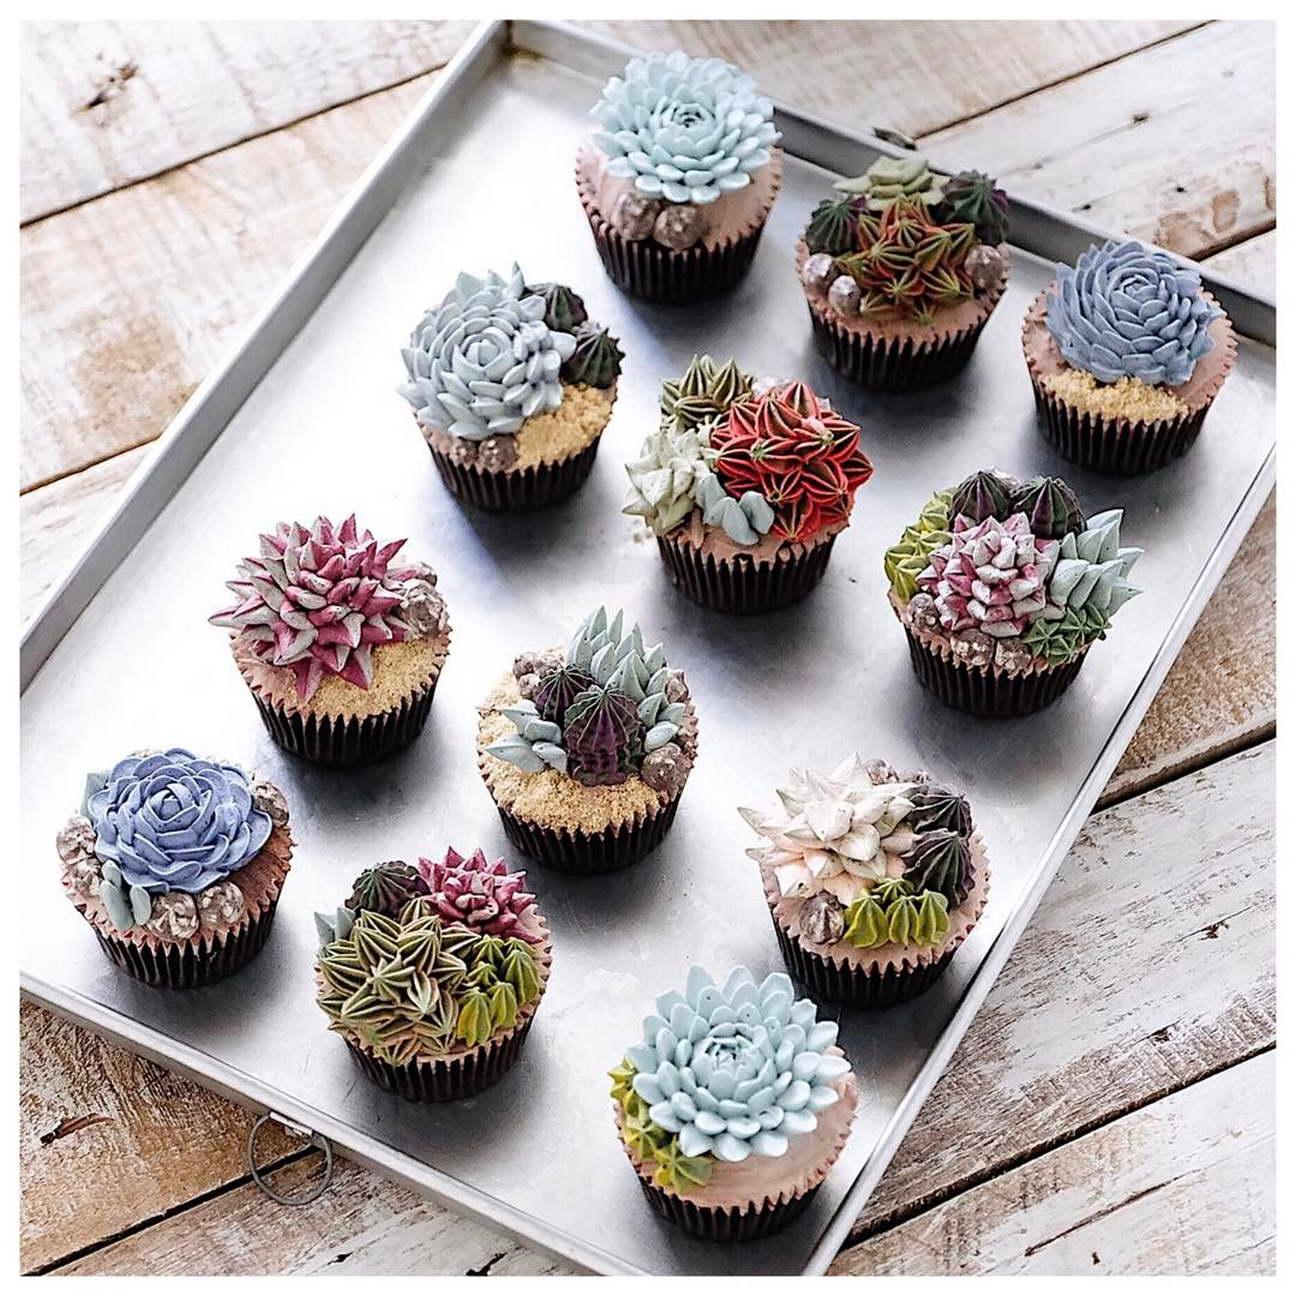 kézműves virág torta, kreatív - kaktusz muffin